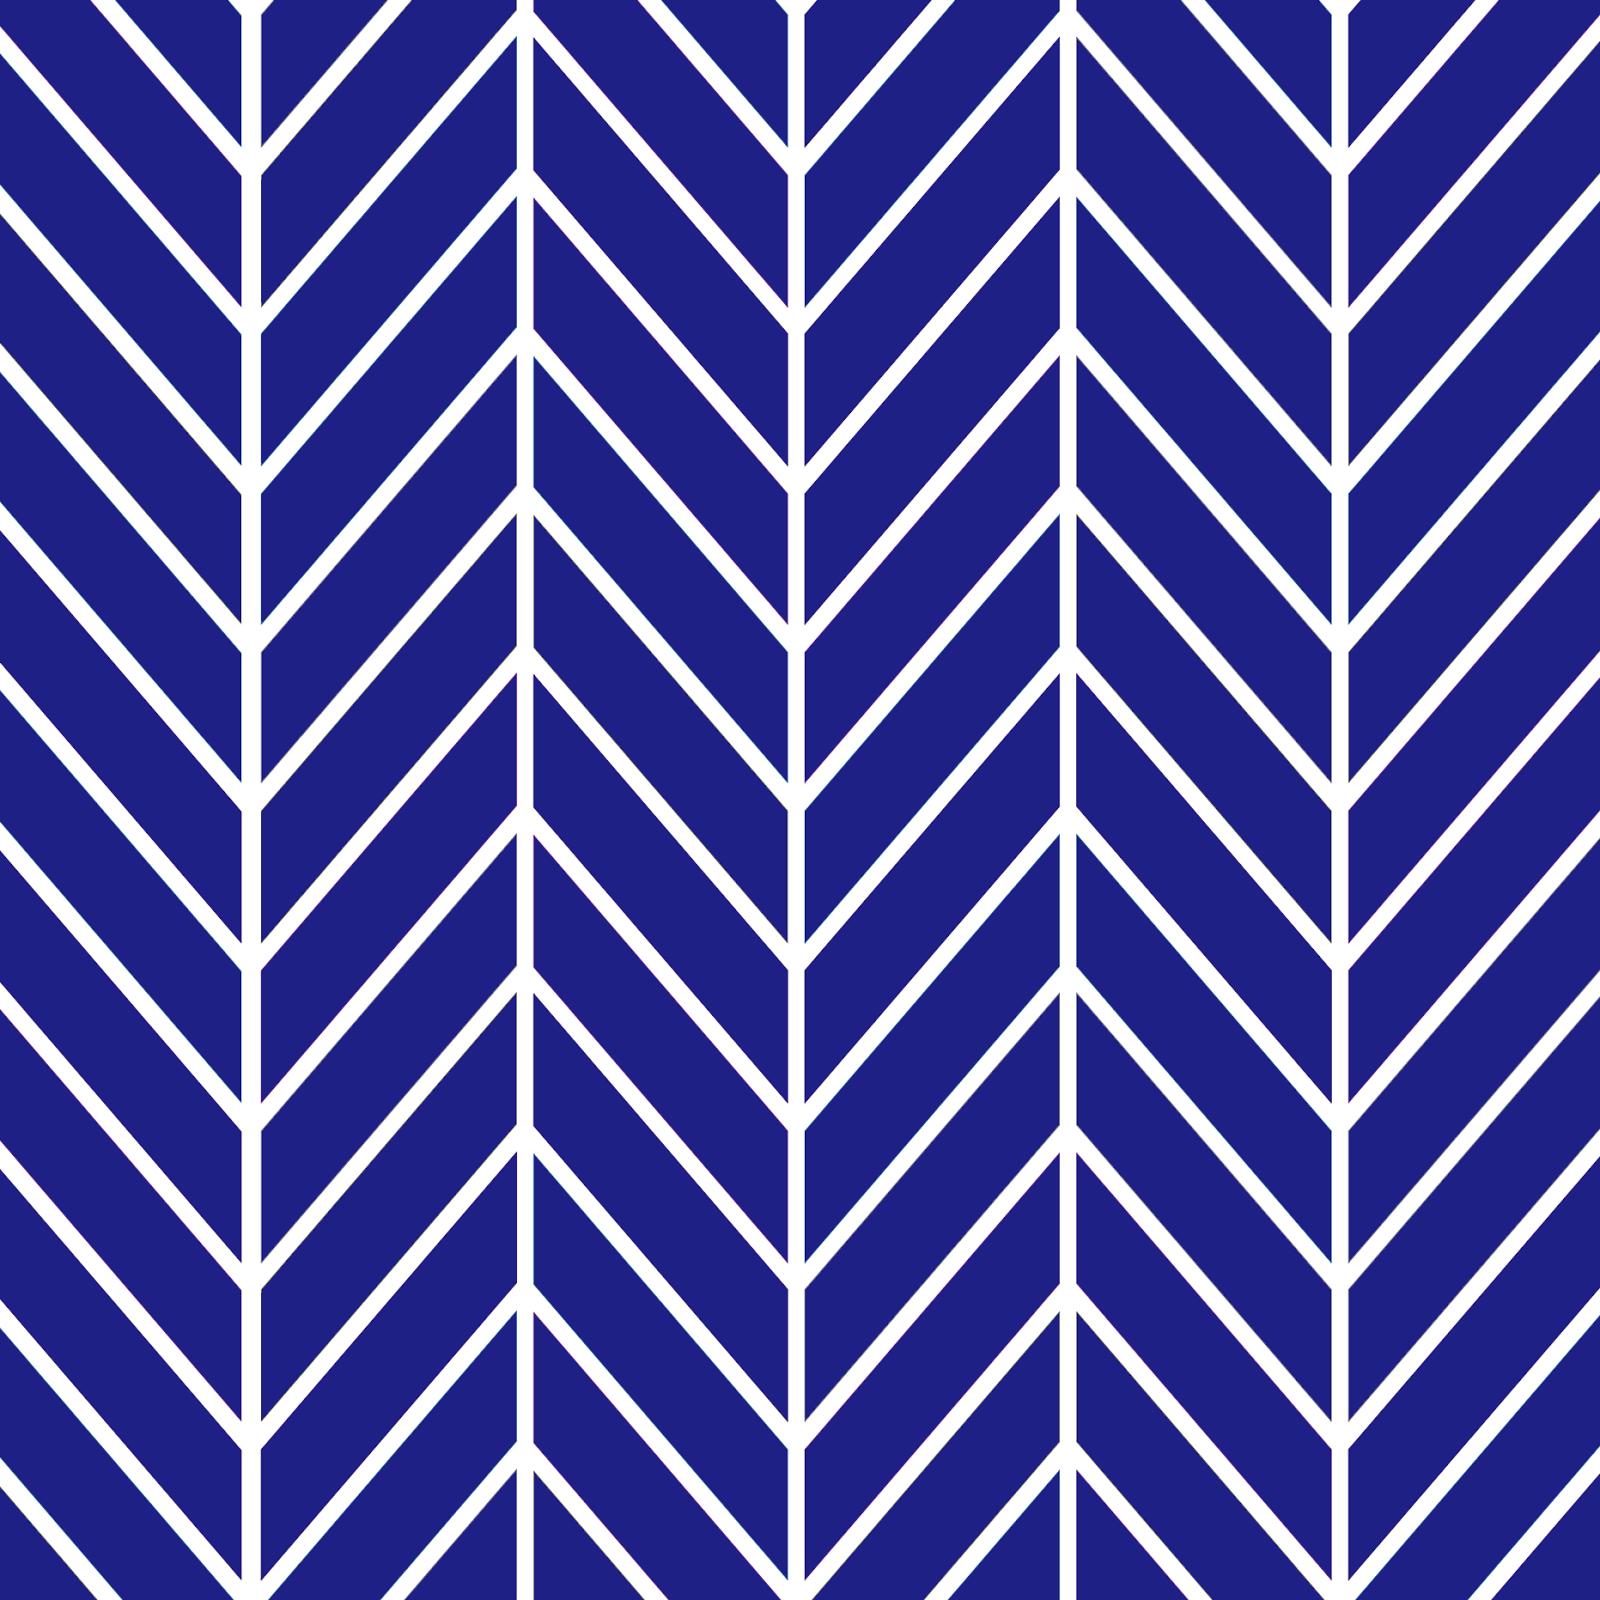 chevron pattern wallpaper - HD1600×1600